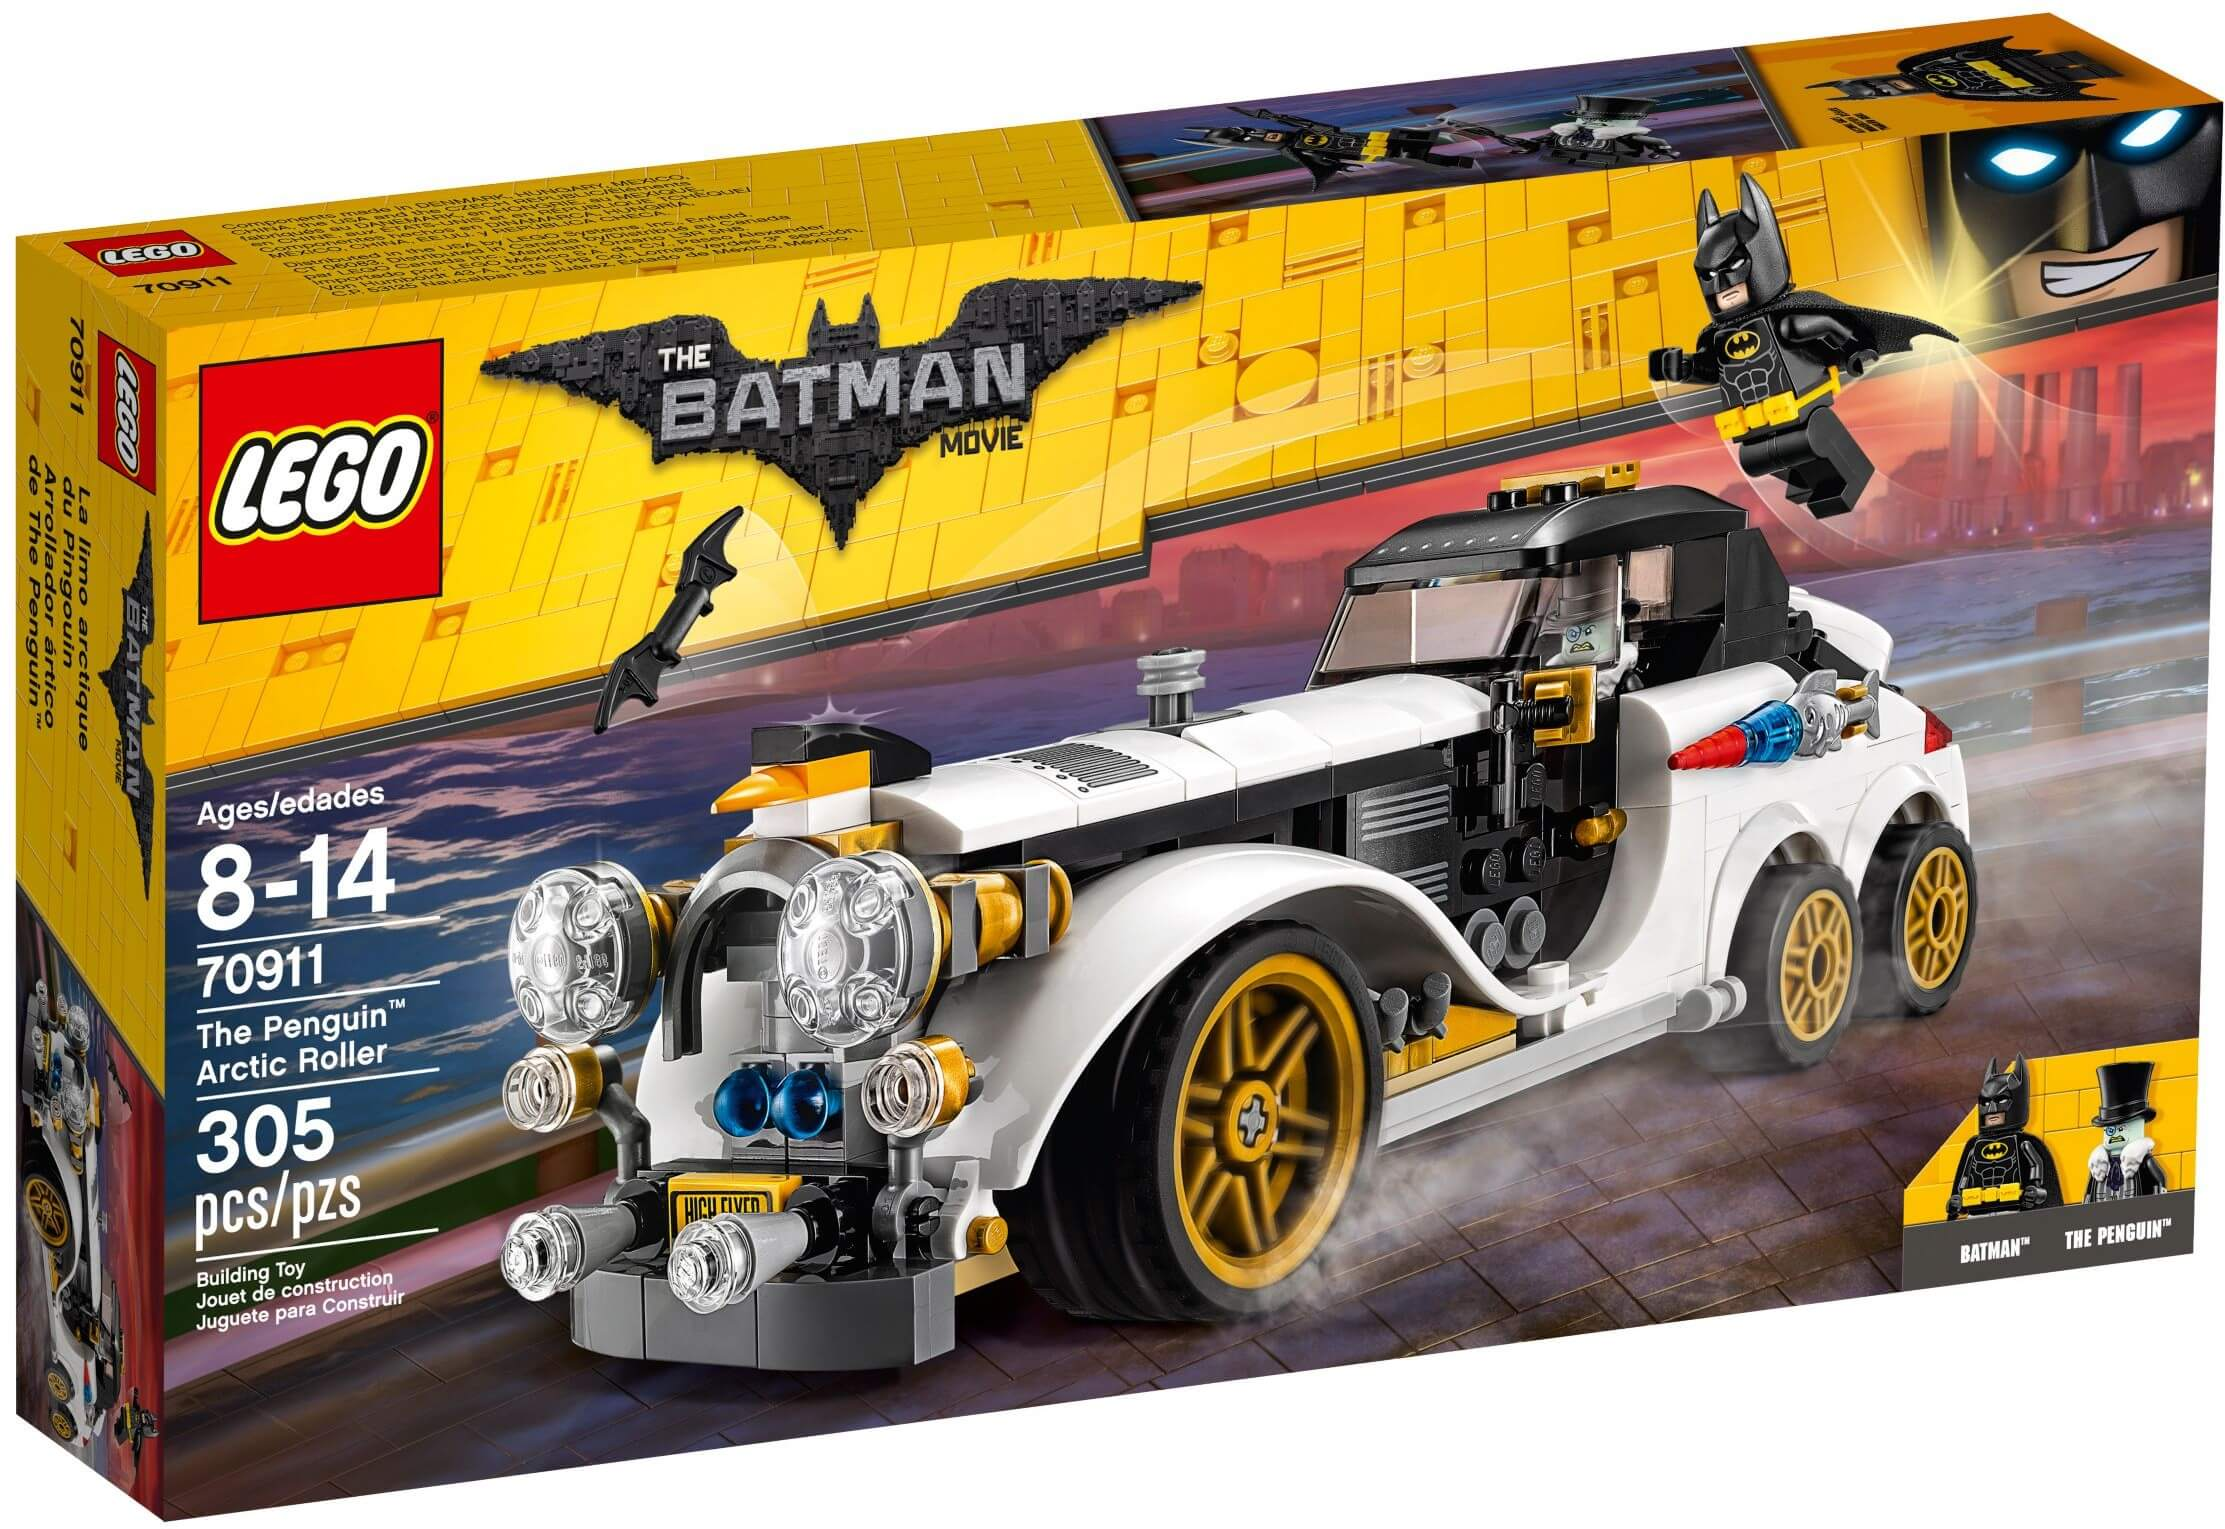 Mua đồ chơi LEGO 70911 - LEGO Batman Movie 70911 - The Penguin Arctic Roller (LEGO 70911 The Penguin Arctic Roller)